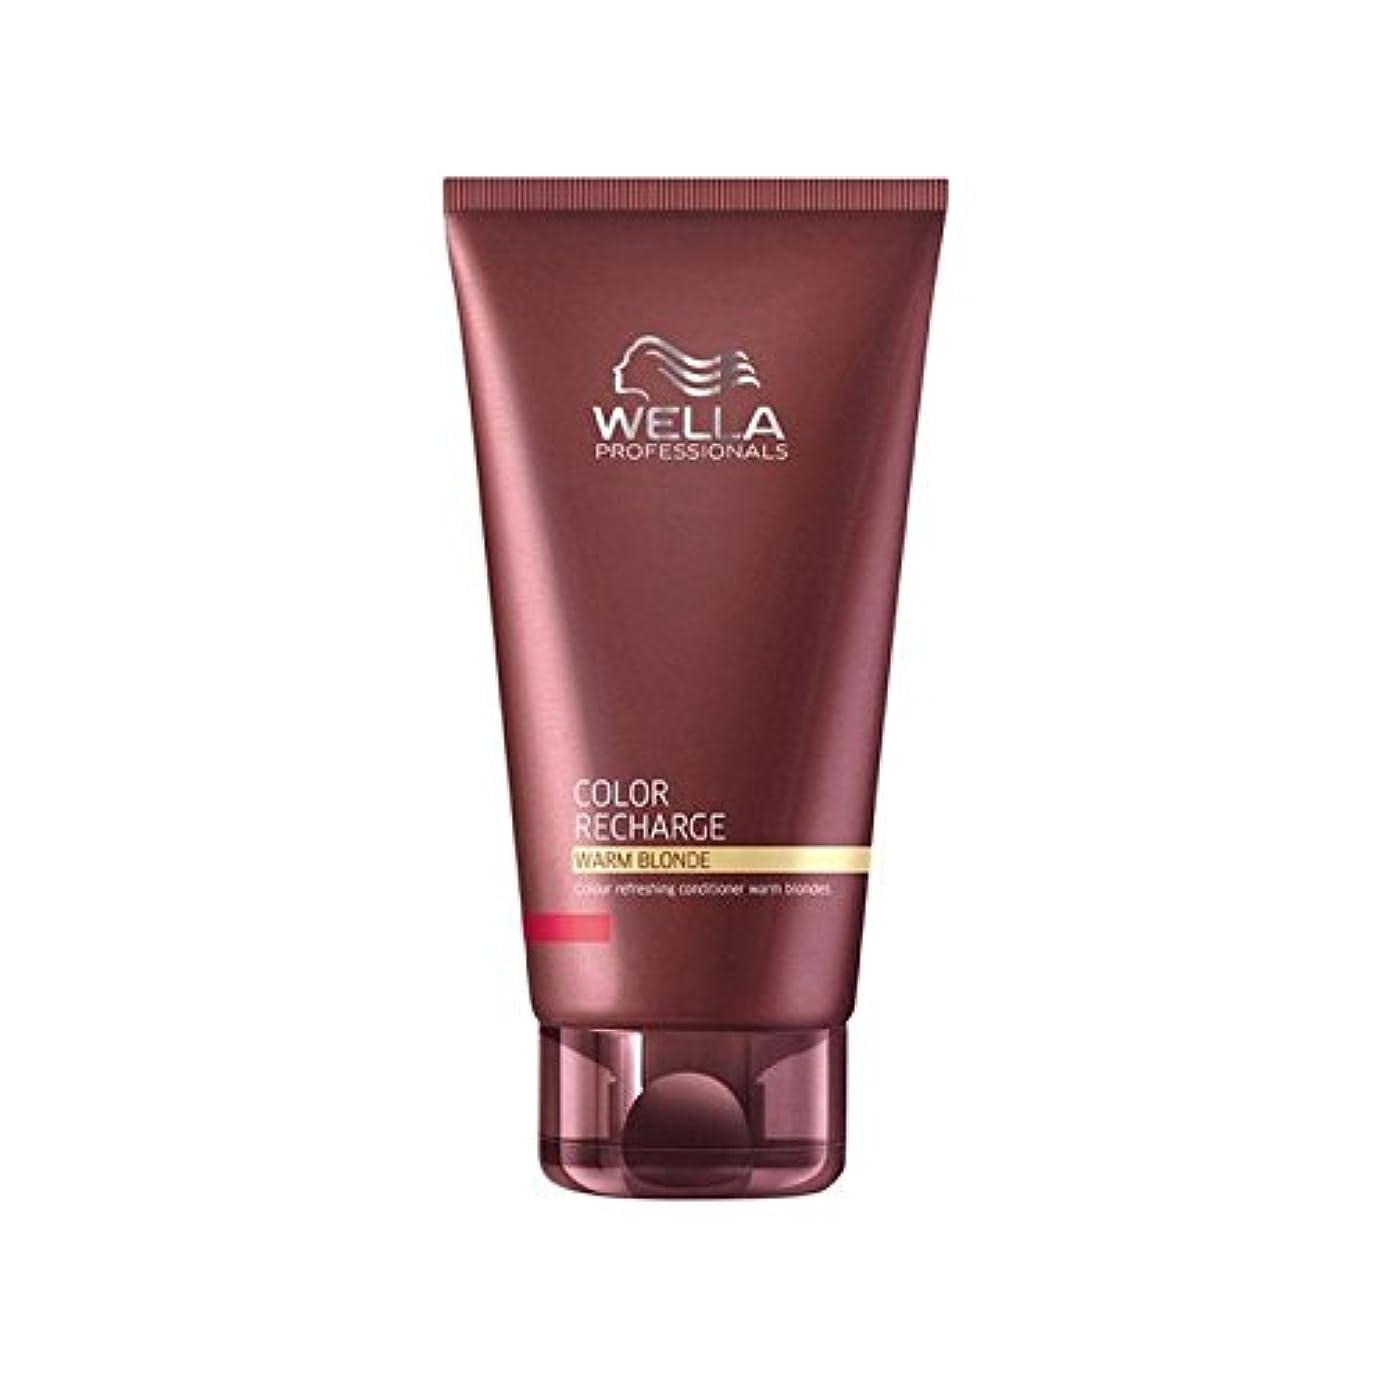 バンケット上流のしてはいけないウエラ専門家のカラー再充電コンディショナー暖かいブロンド(200ミリリットル) x2 - Wella Professionals Color Recharge Conditioner Warm Blonde (200ml...